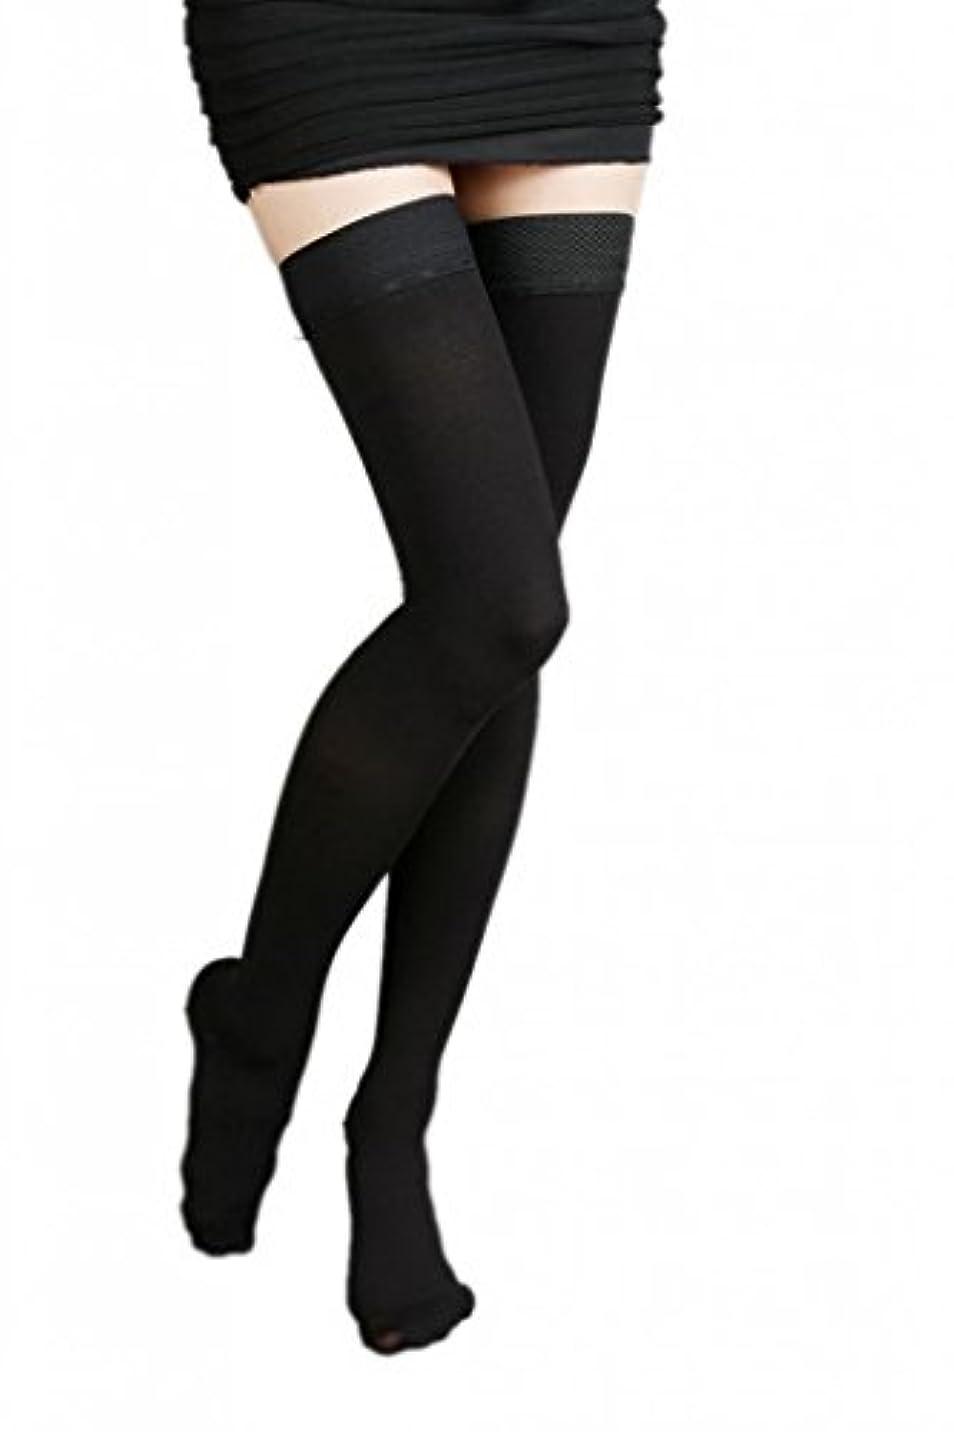 (ラボーグ)La Vogue 美脚 着圧オーバーニーソックス ハイソックス 靴下 弾性ストッキング つま先あり着圧ソックス M 1級低圧 黒色